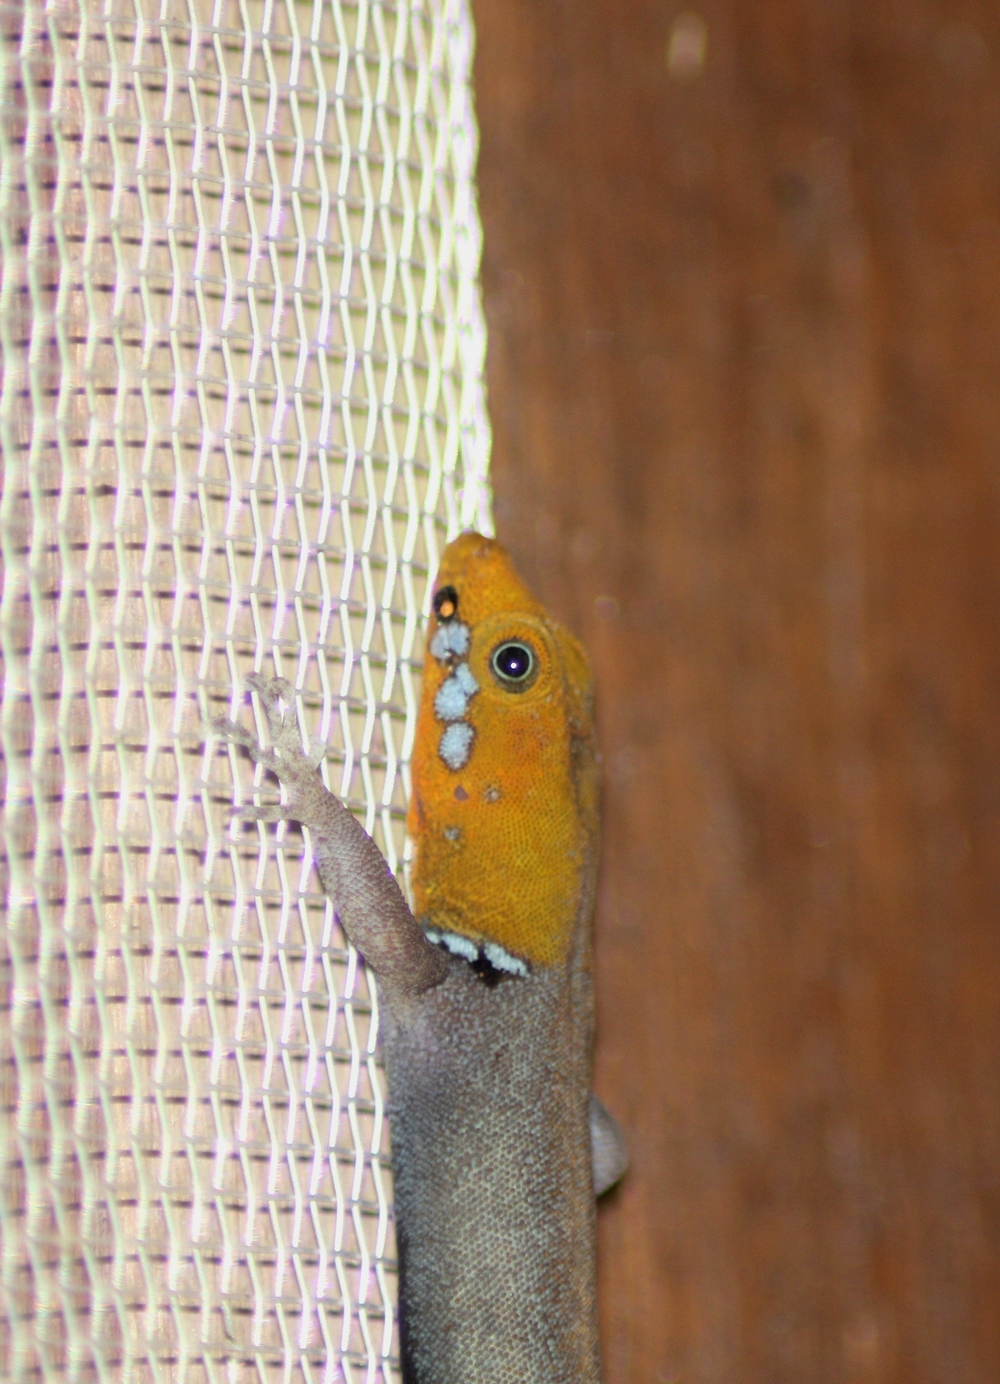 15 jours dans la jungle du Costa Rica - Page 2 202043gonotadesr